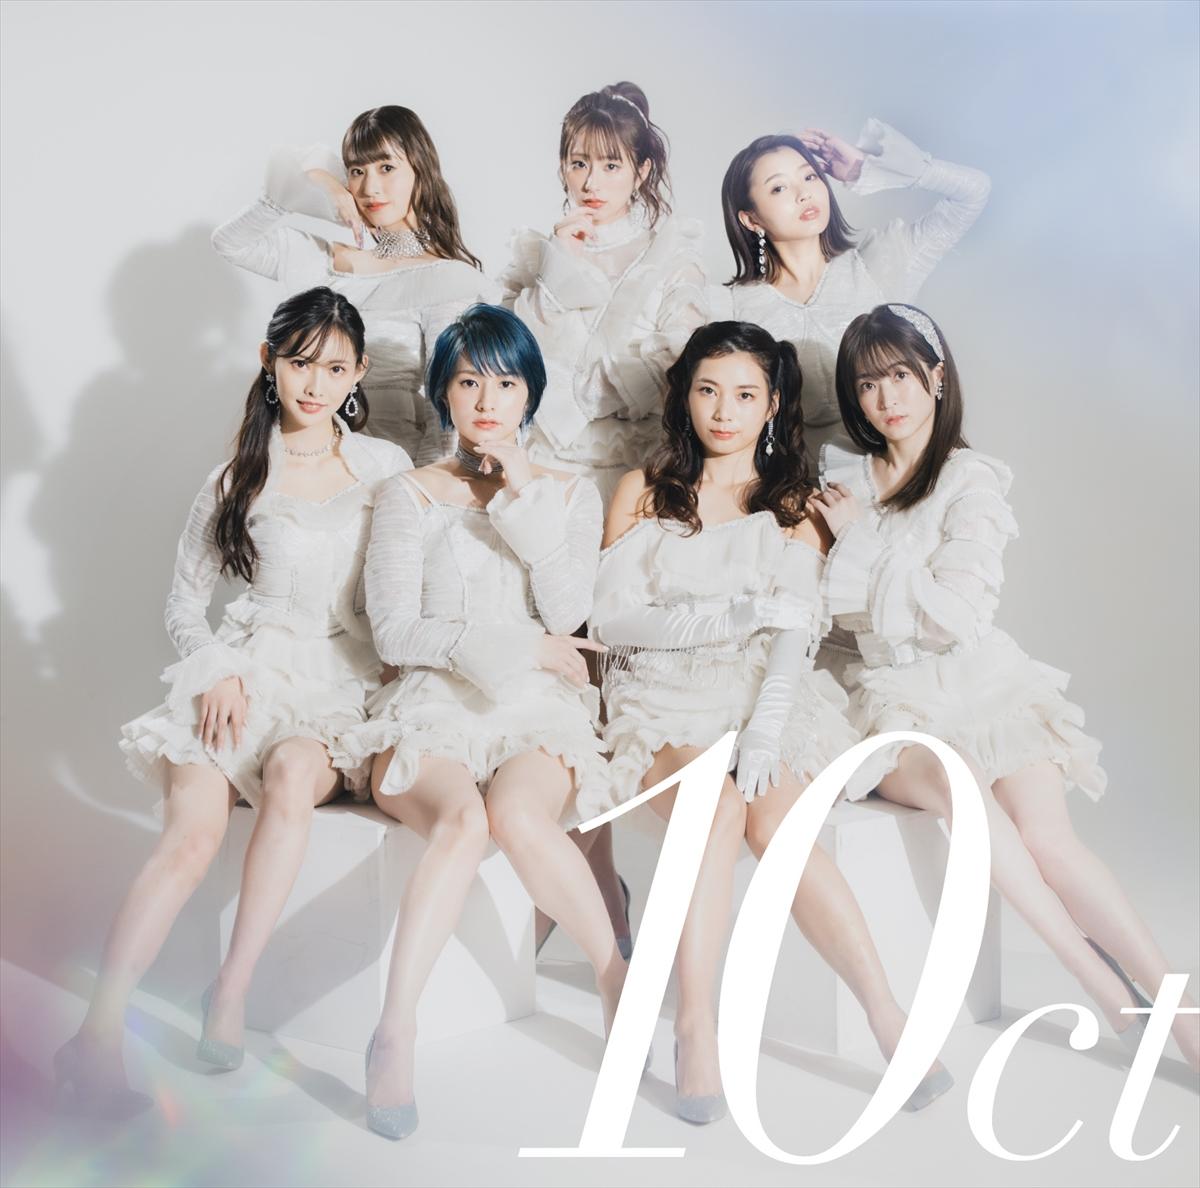 prediaニューアルバム「10ct」TYPE-B